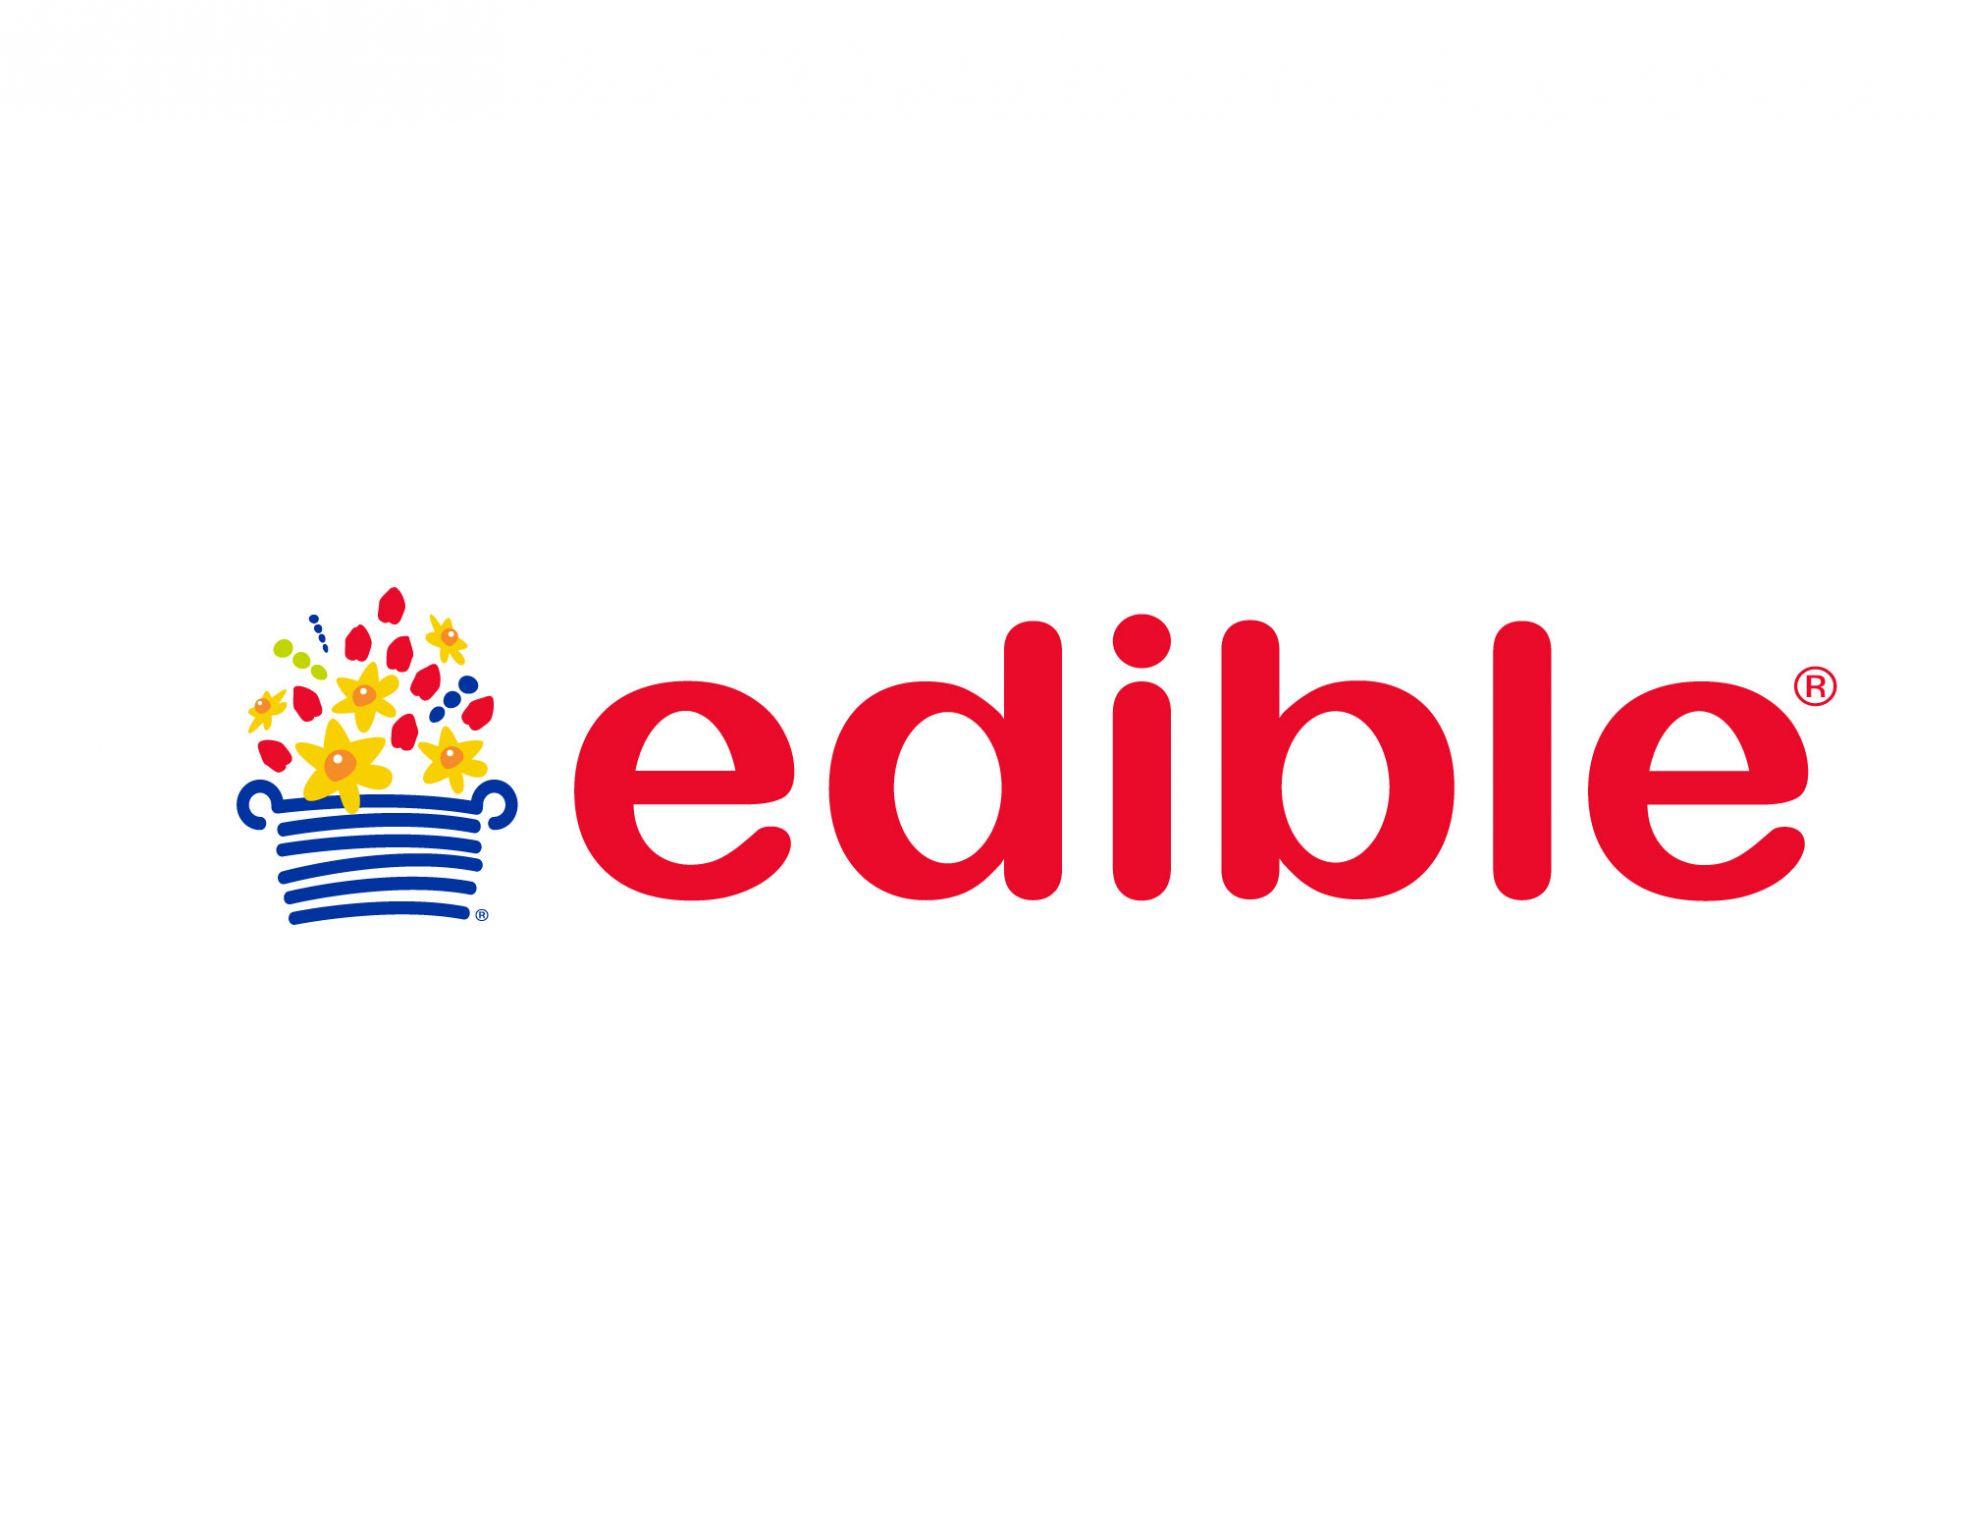 edible_logo_horiz_pms_pos_stroke